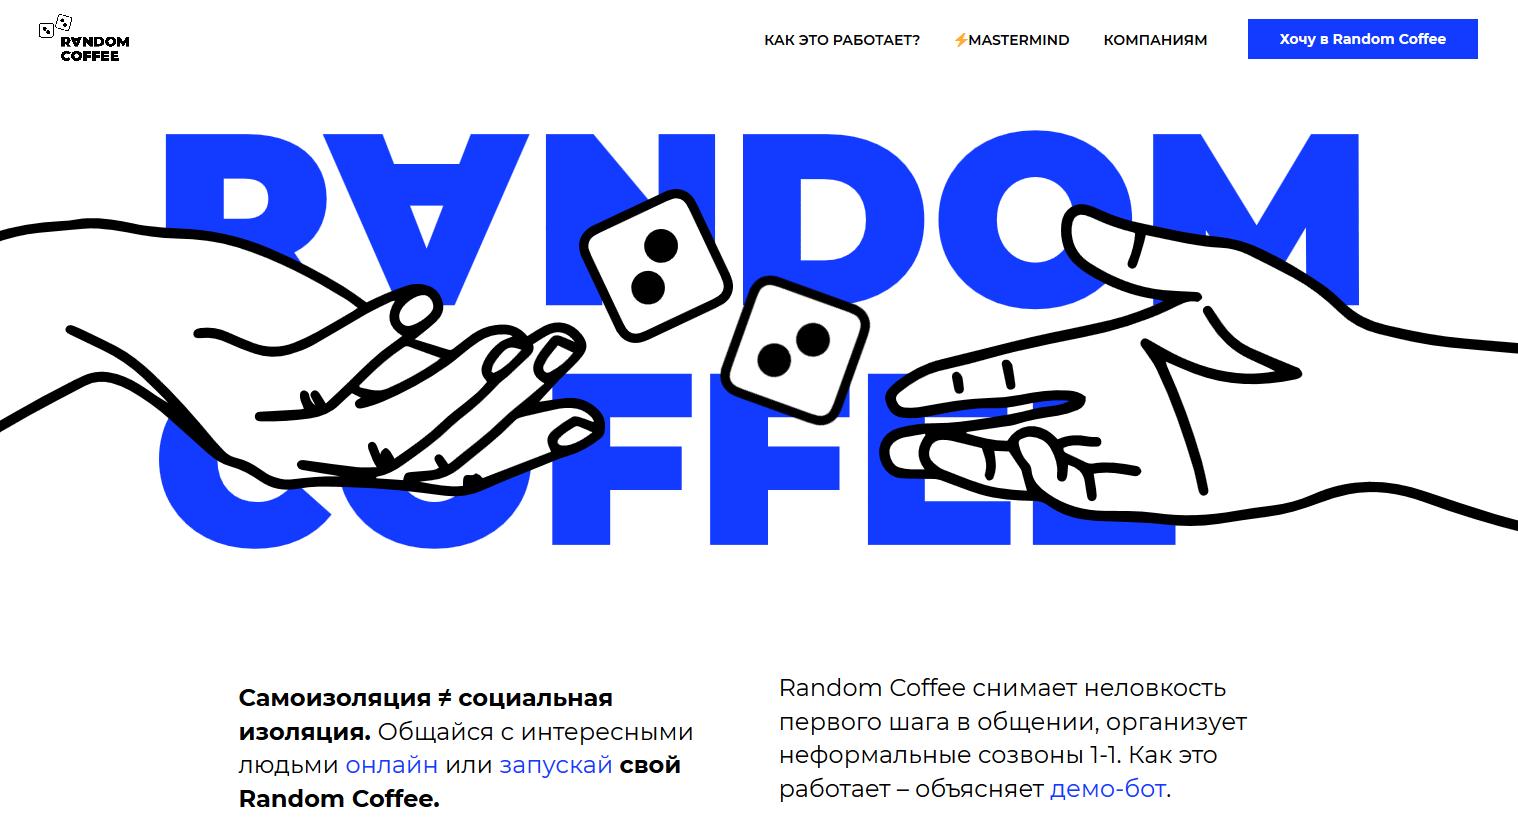 Random Coffee